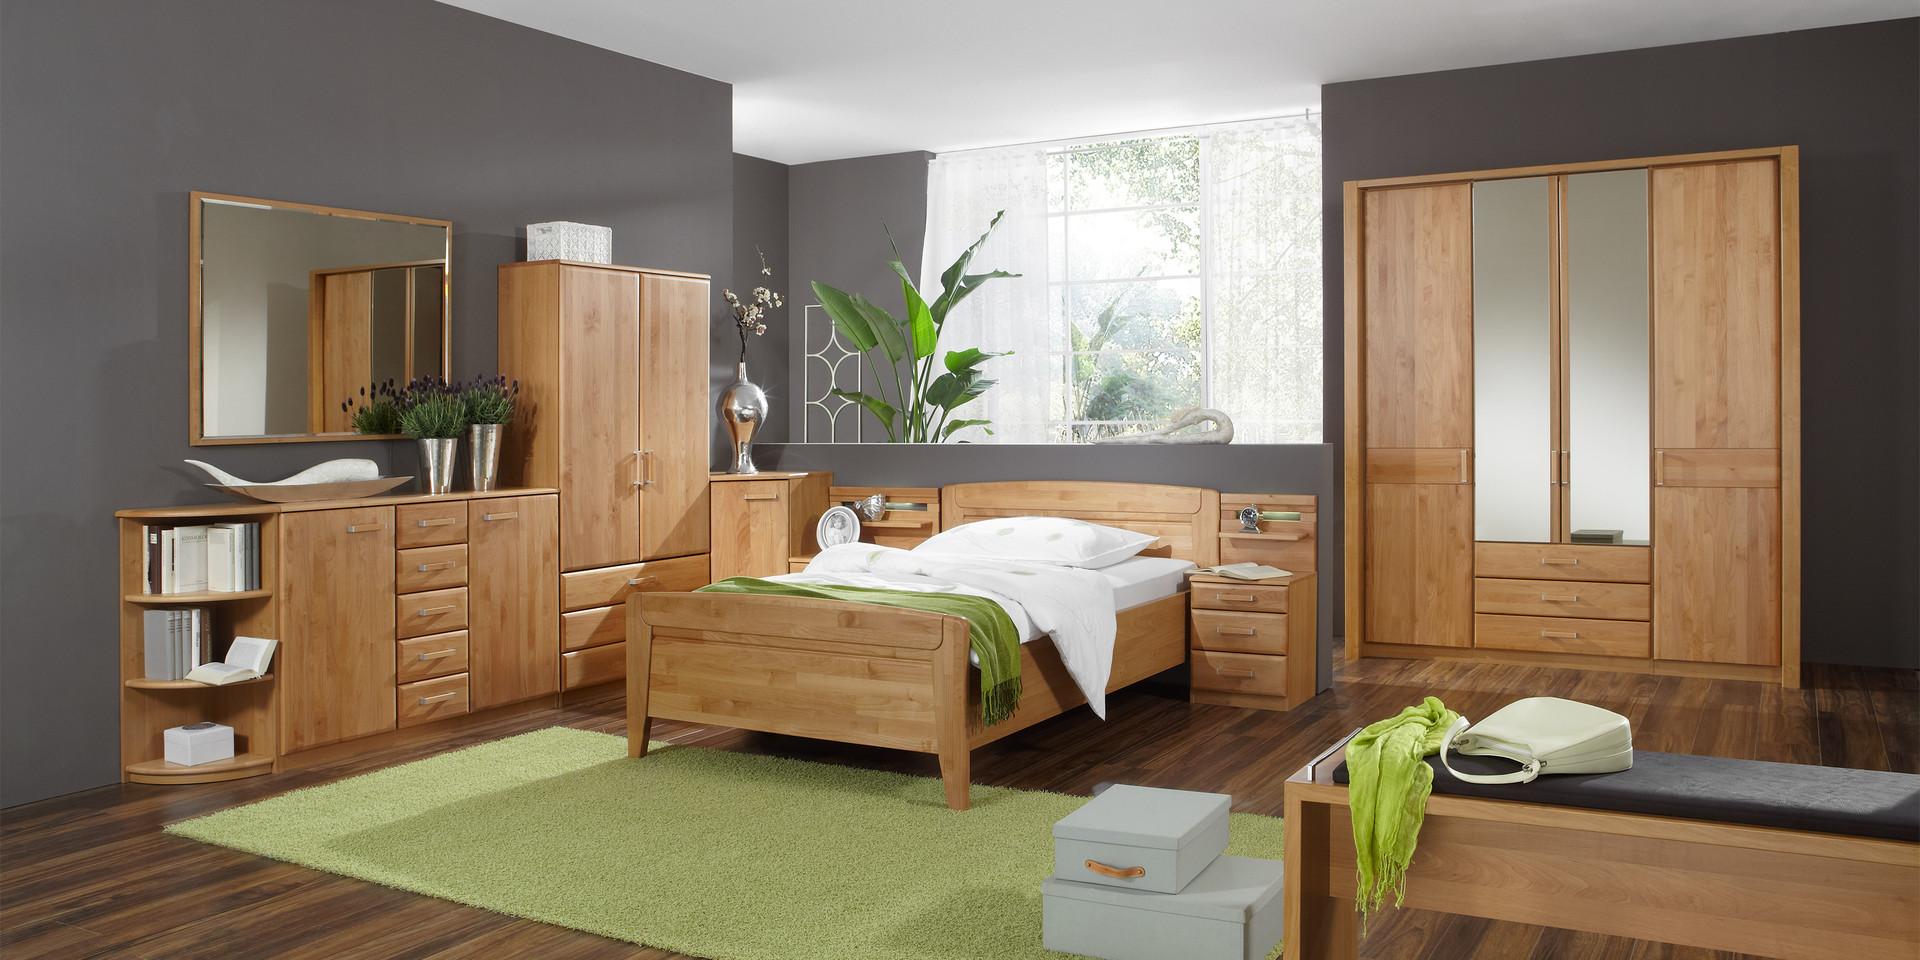 Erleben Sie Das Schlafzimmer Lausanne | Möbelhersteller Wiemann